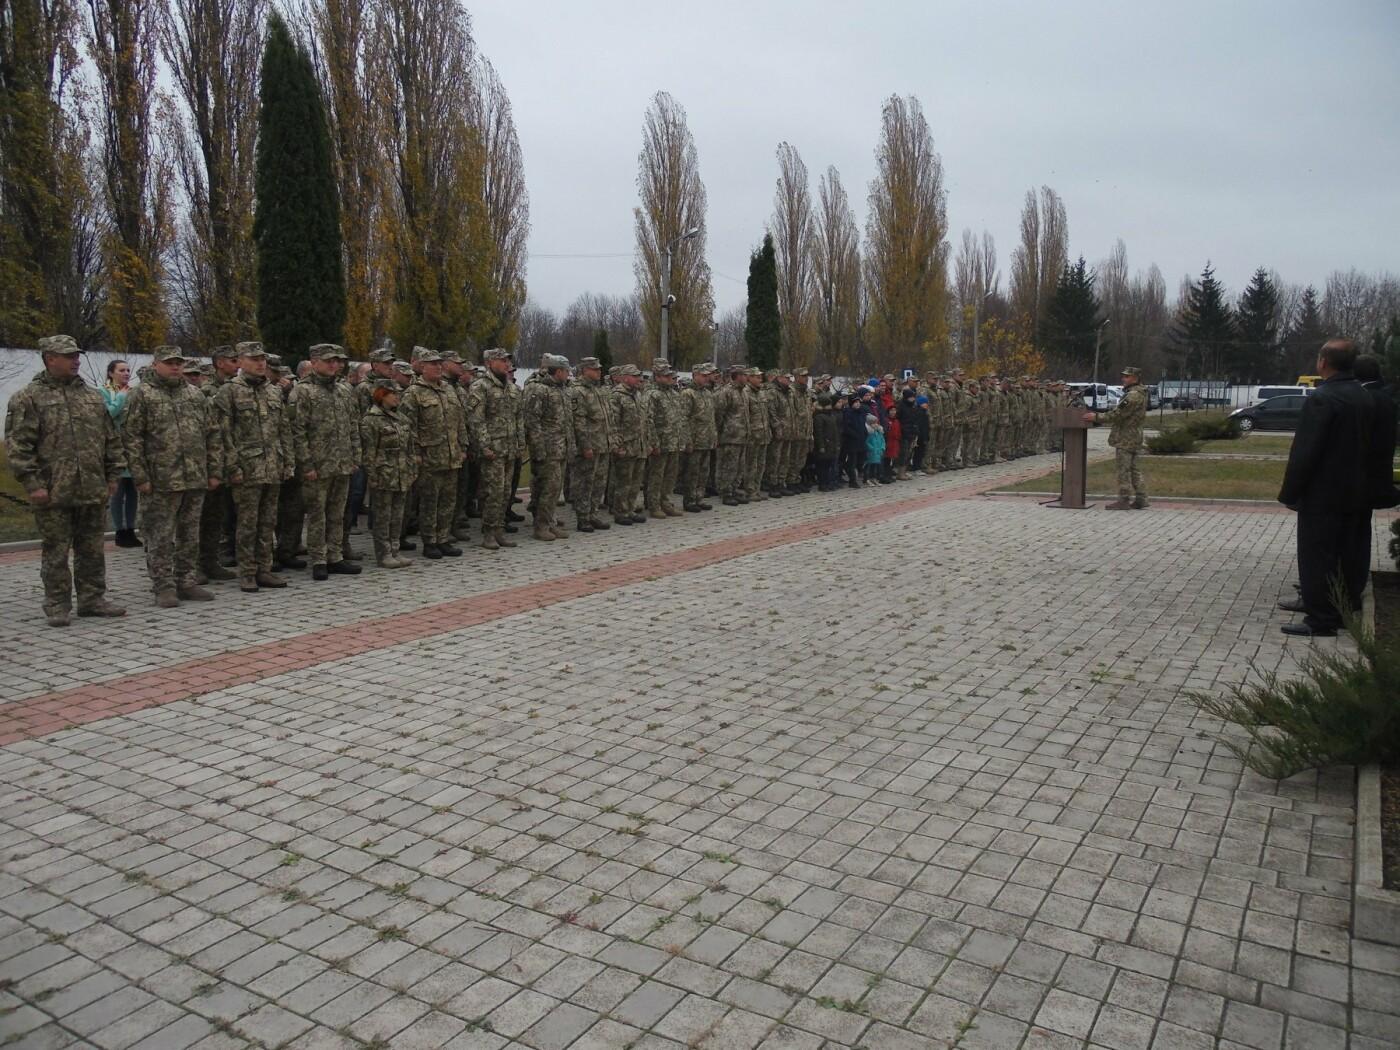 До строю військовослужбовців Центру розмінування, з нагоди Дня інженерних військ, стали їхні діти, фото-9